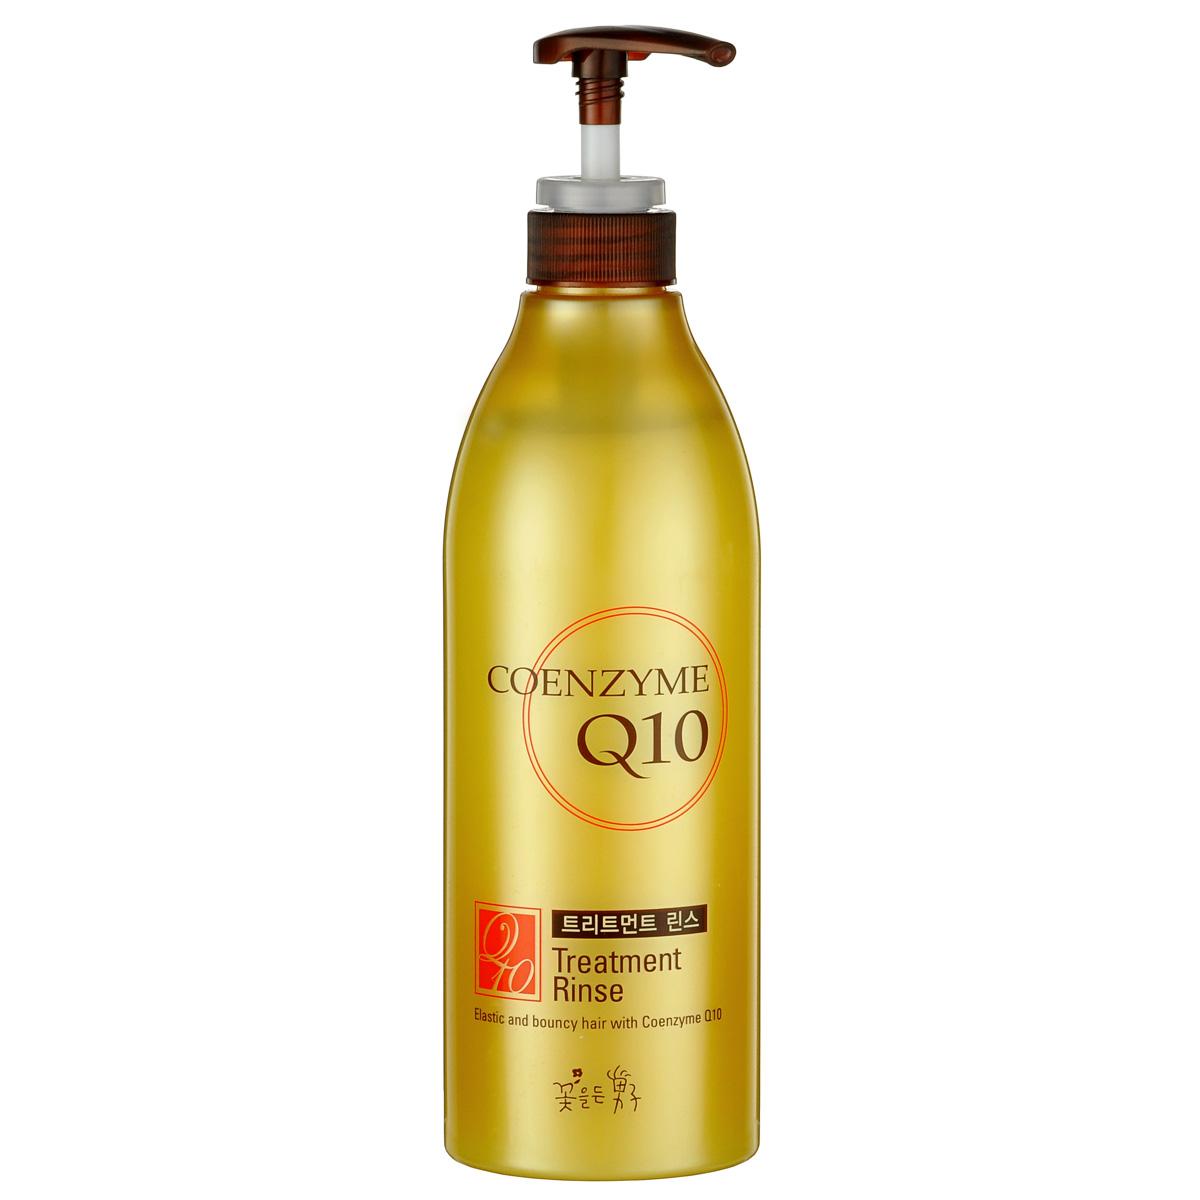 Somang Coenzyme Q10 Кондиционер для волос, 720 мл122643Возвращает волосам их естественную мягкость и послушность. Содержит экстракт бутонов Даурской Розы. Для всех типов волос. Подходит для ежедневного использования.